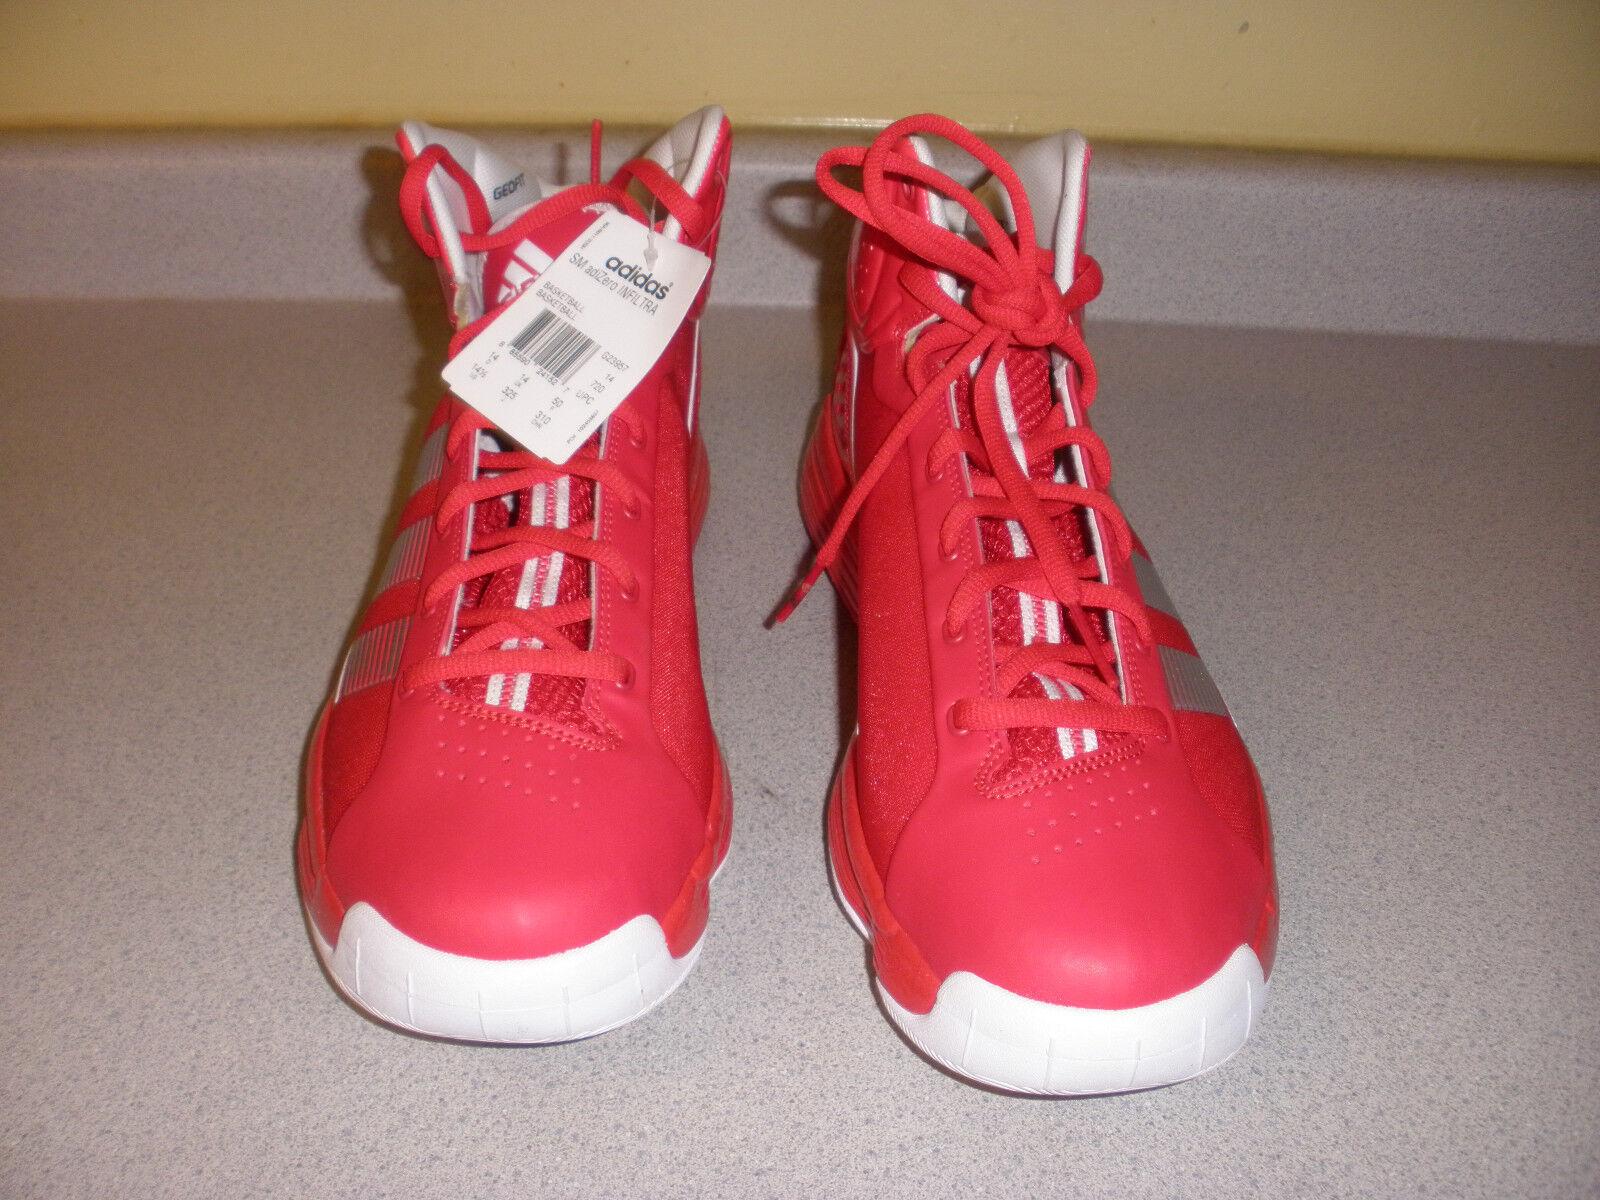 Nwt Nwt Nwt g23957 adidas adizero infiltra scarpe da basket dimensioni 14,5 rosso 1f17dc